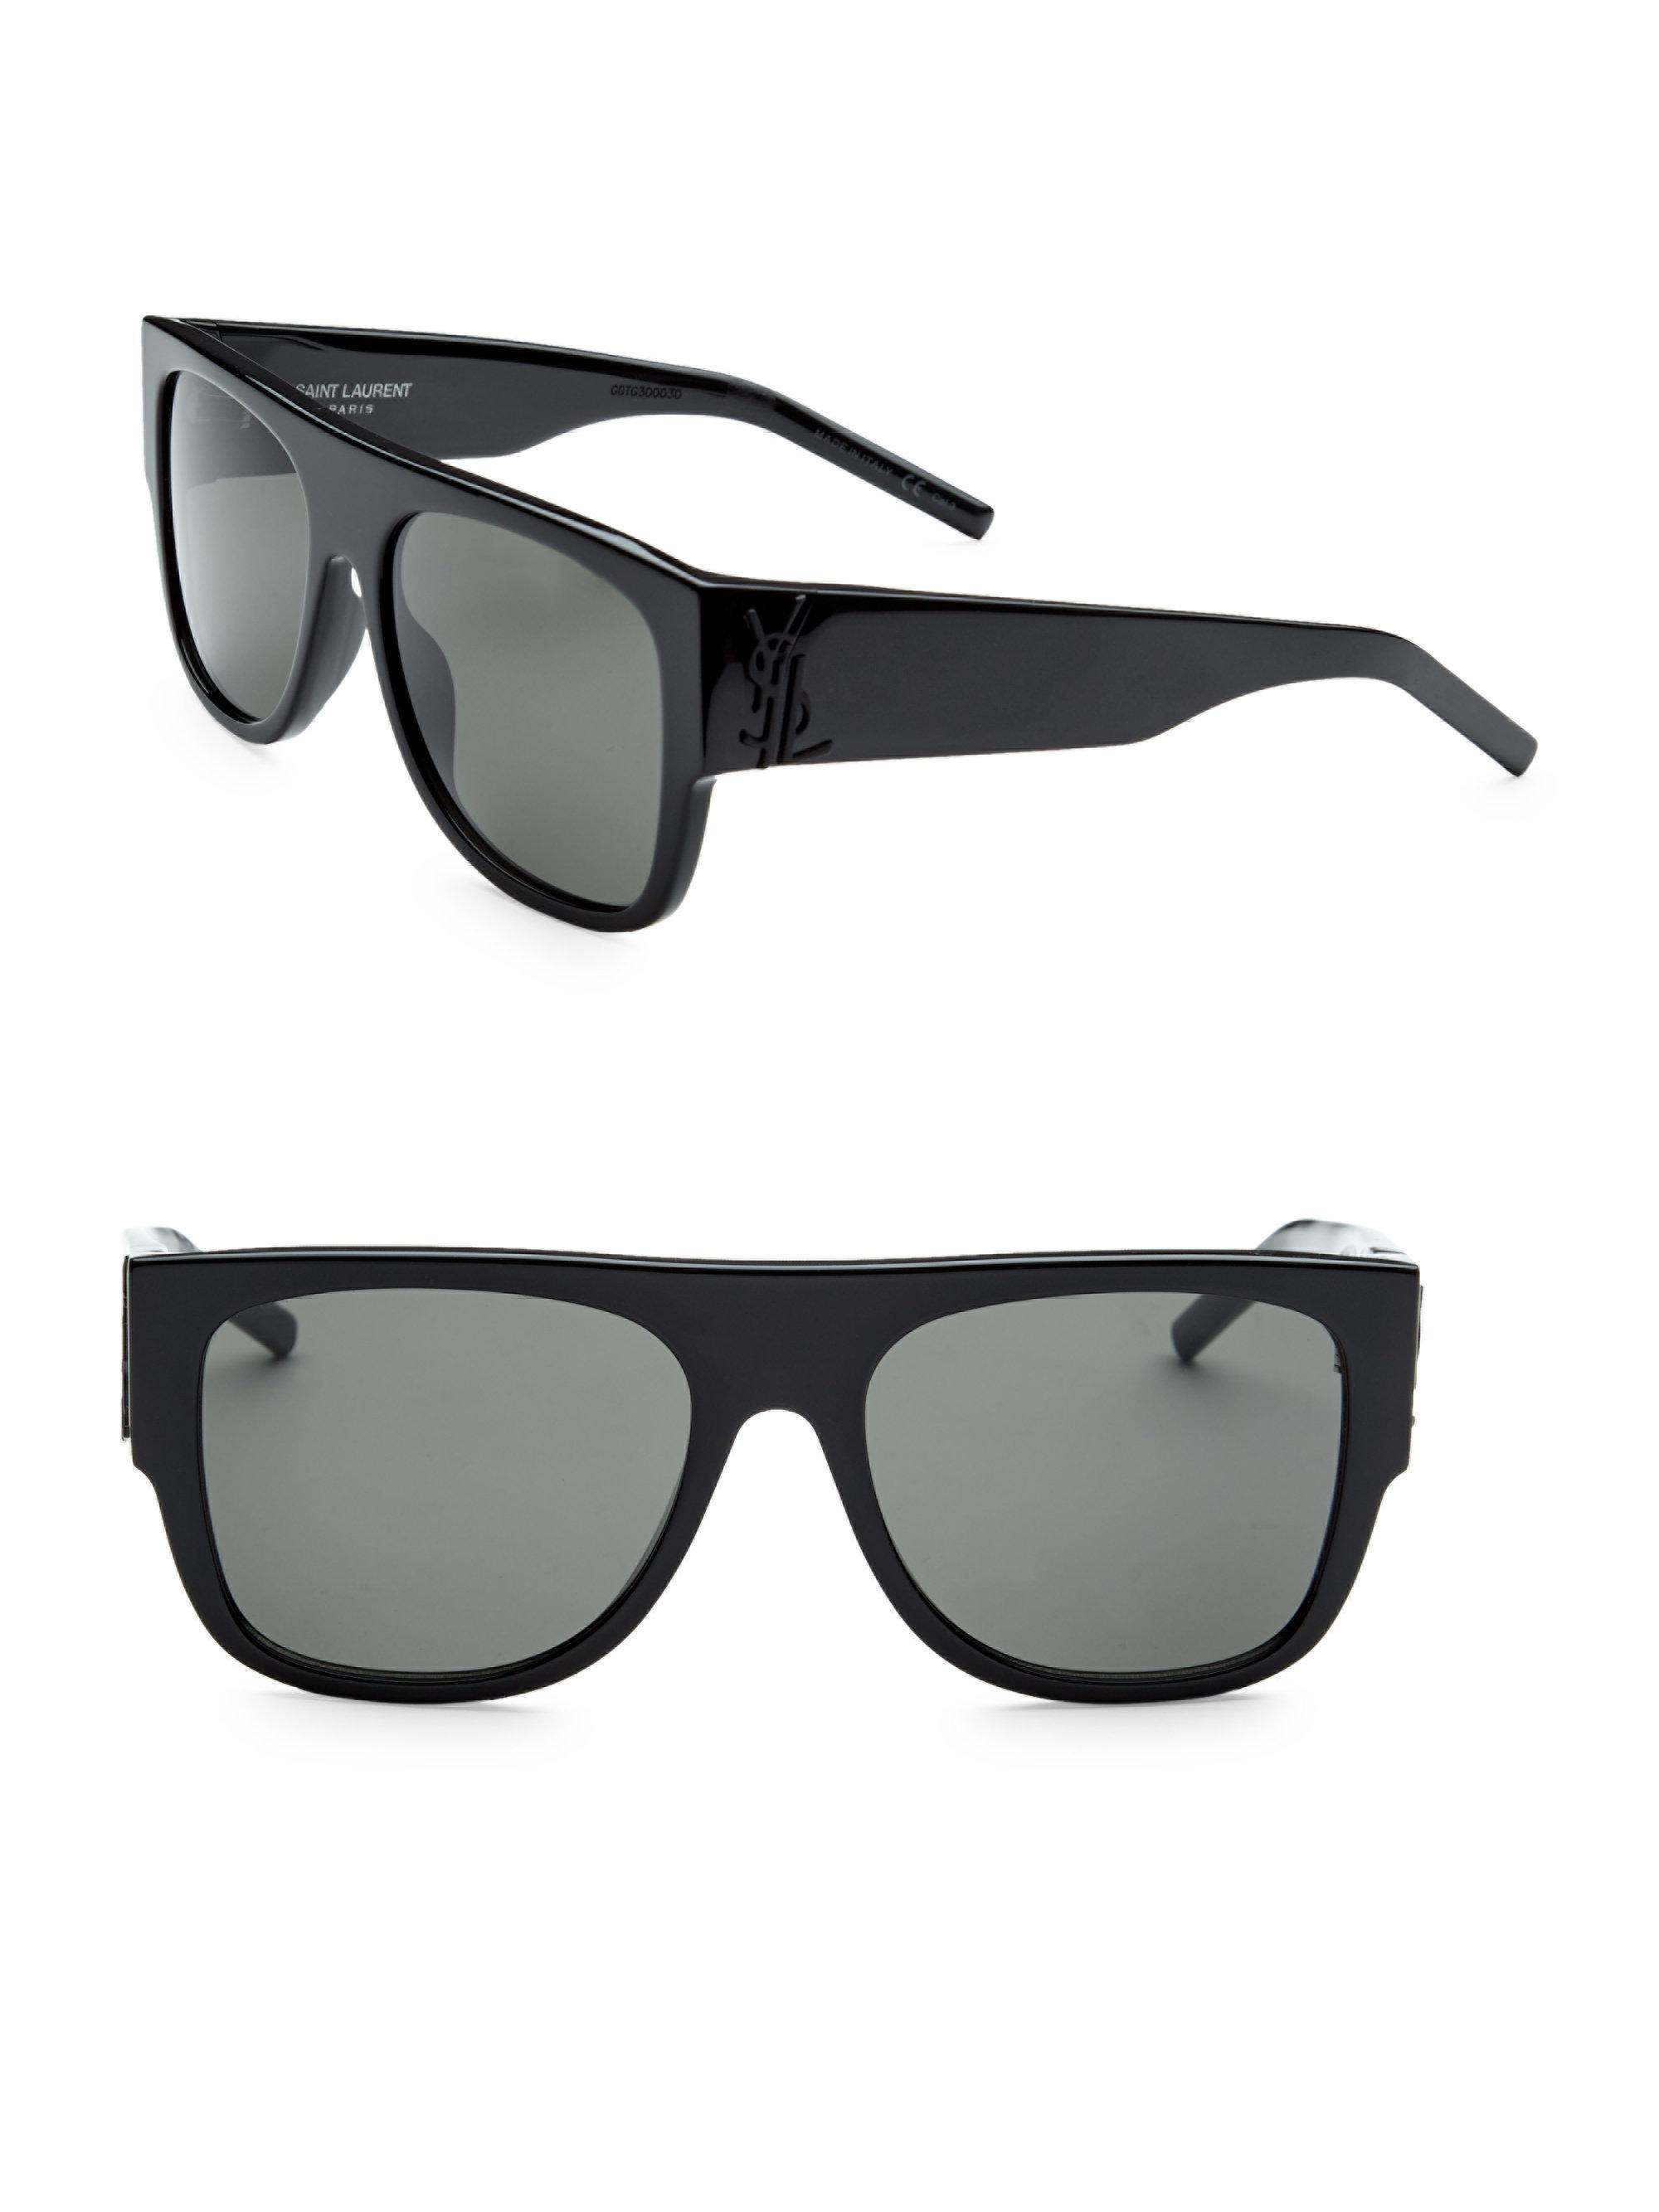 a7ba0d09cd Men s Black 55mm Flat-top Injected Sunglasses